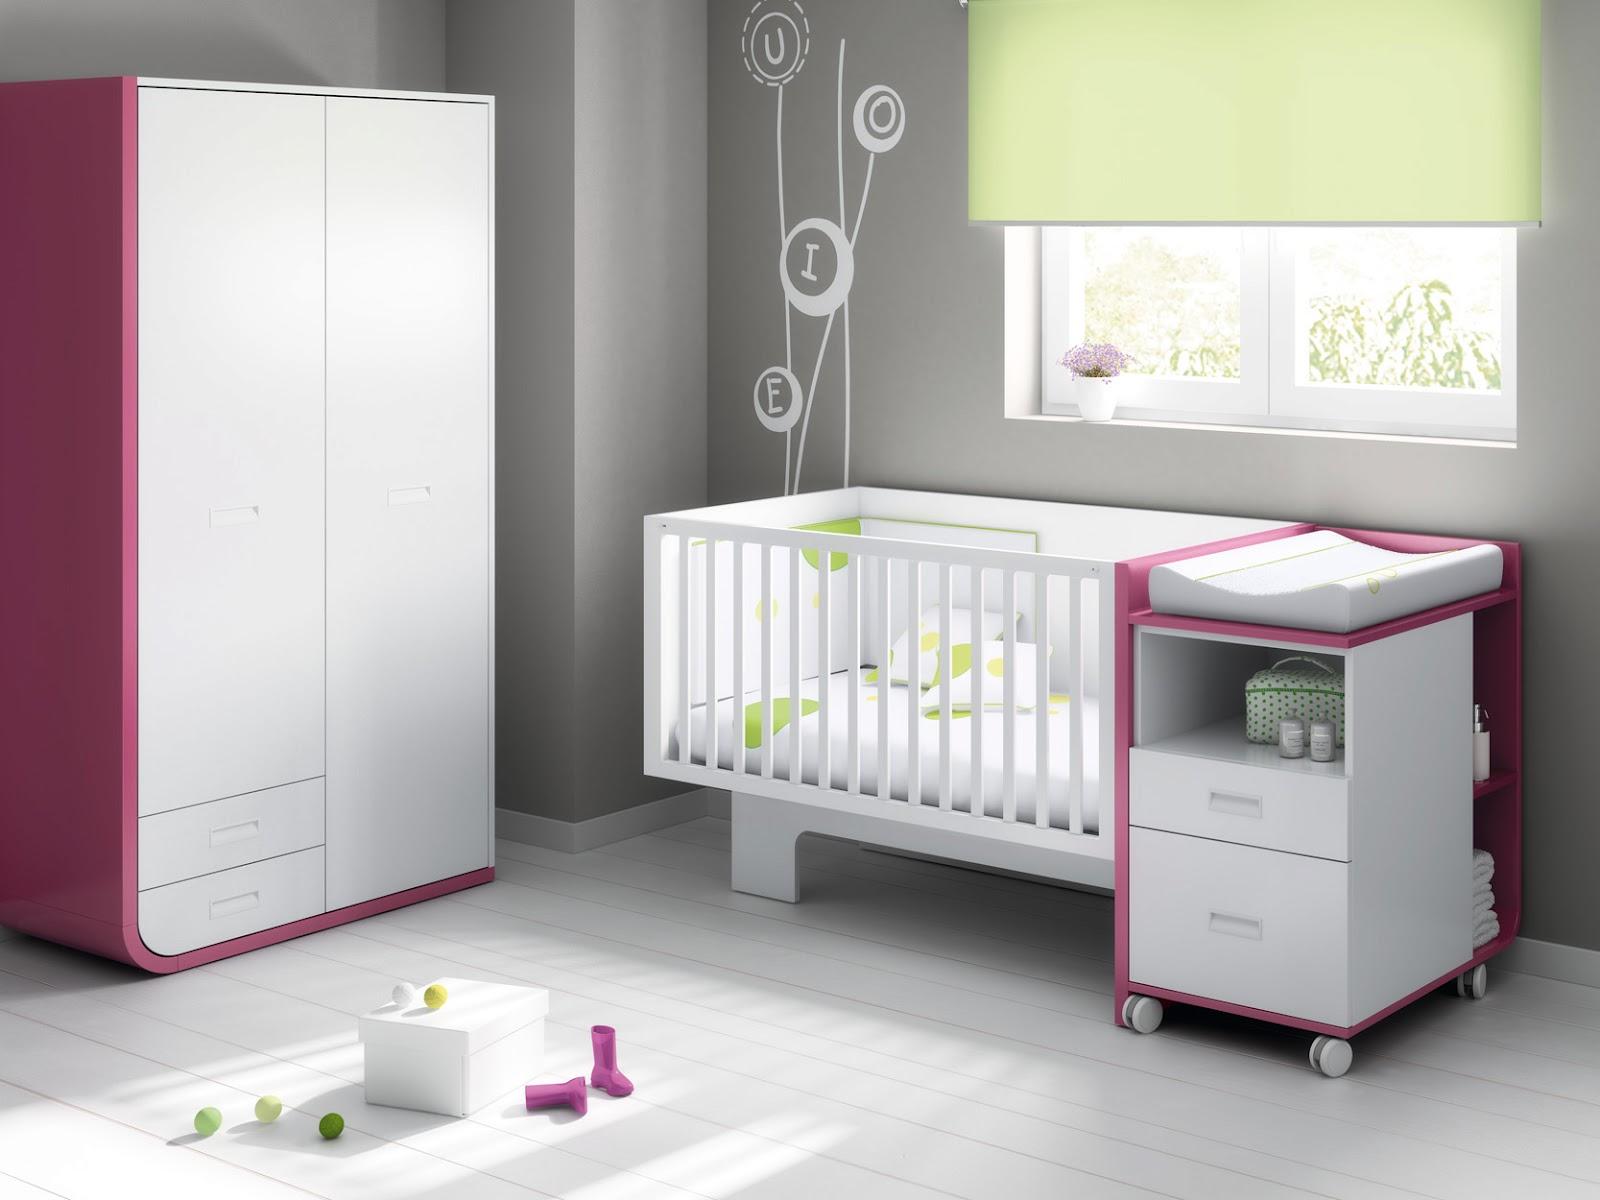 Culle per neonati ros camerette design e arte - Camerette per bambini design ...